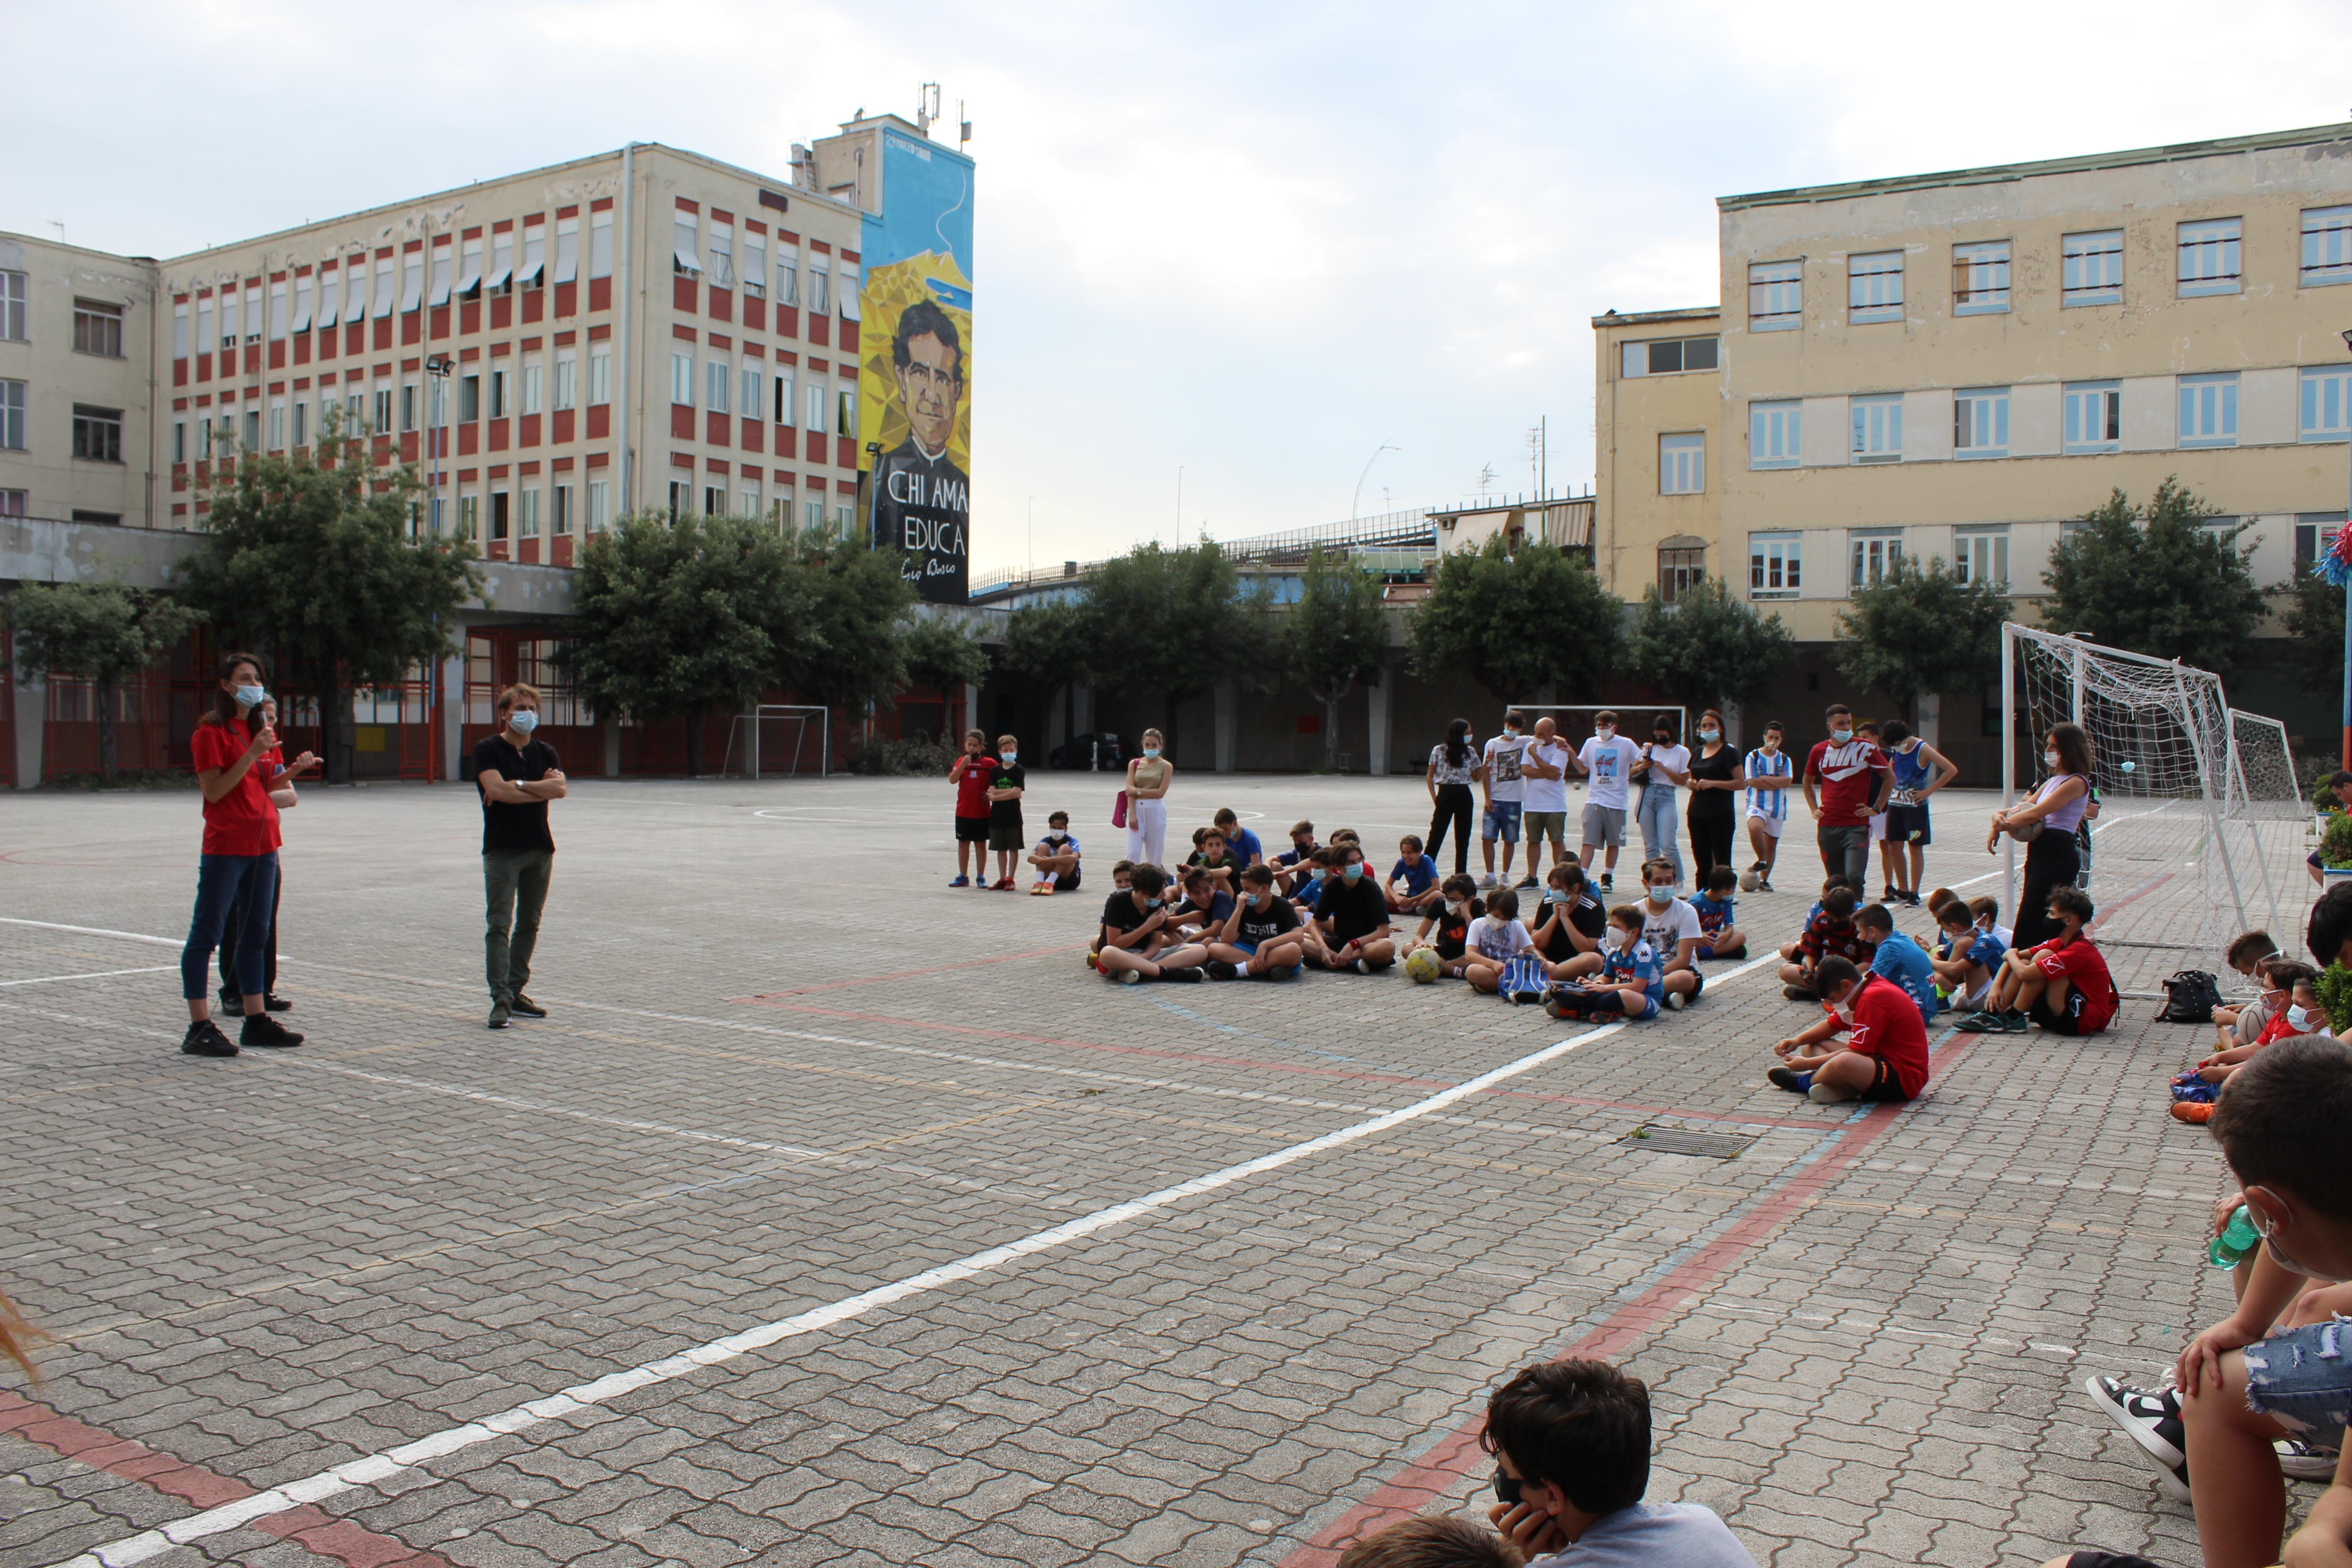 Festival Diritti e Rovesci: il 19 giugno appuntamento con i minori stranieri non accompagnati